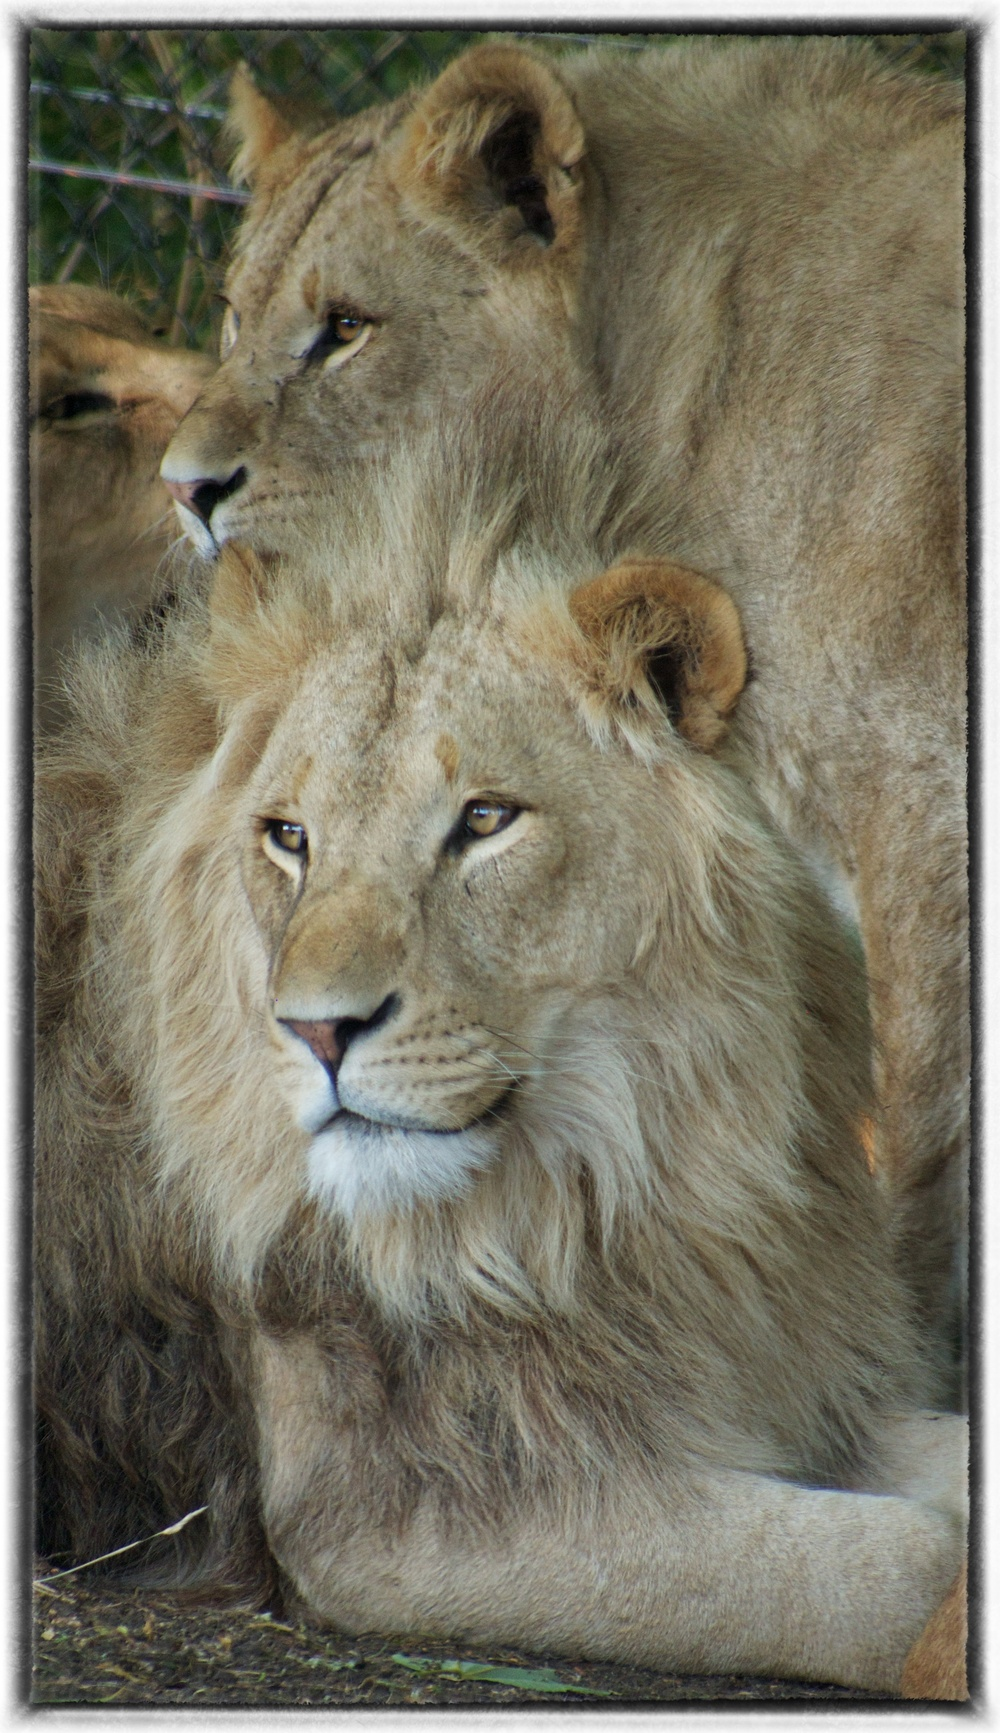 Longleat Lions, 2013 OM-D Lumix 45-200mm